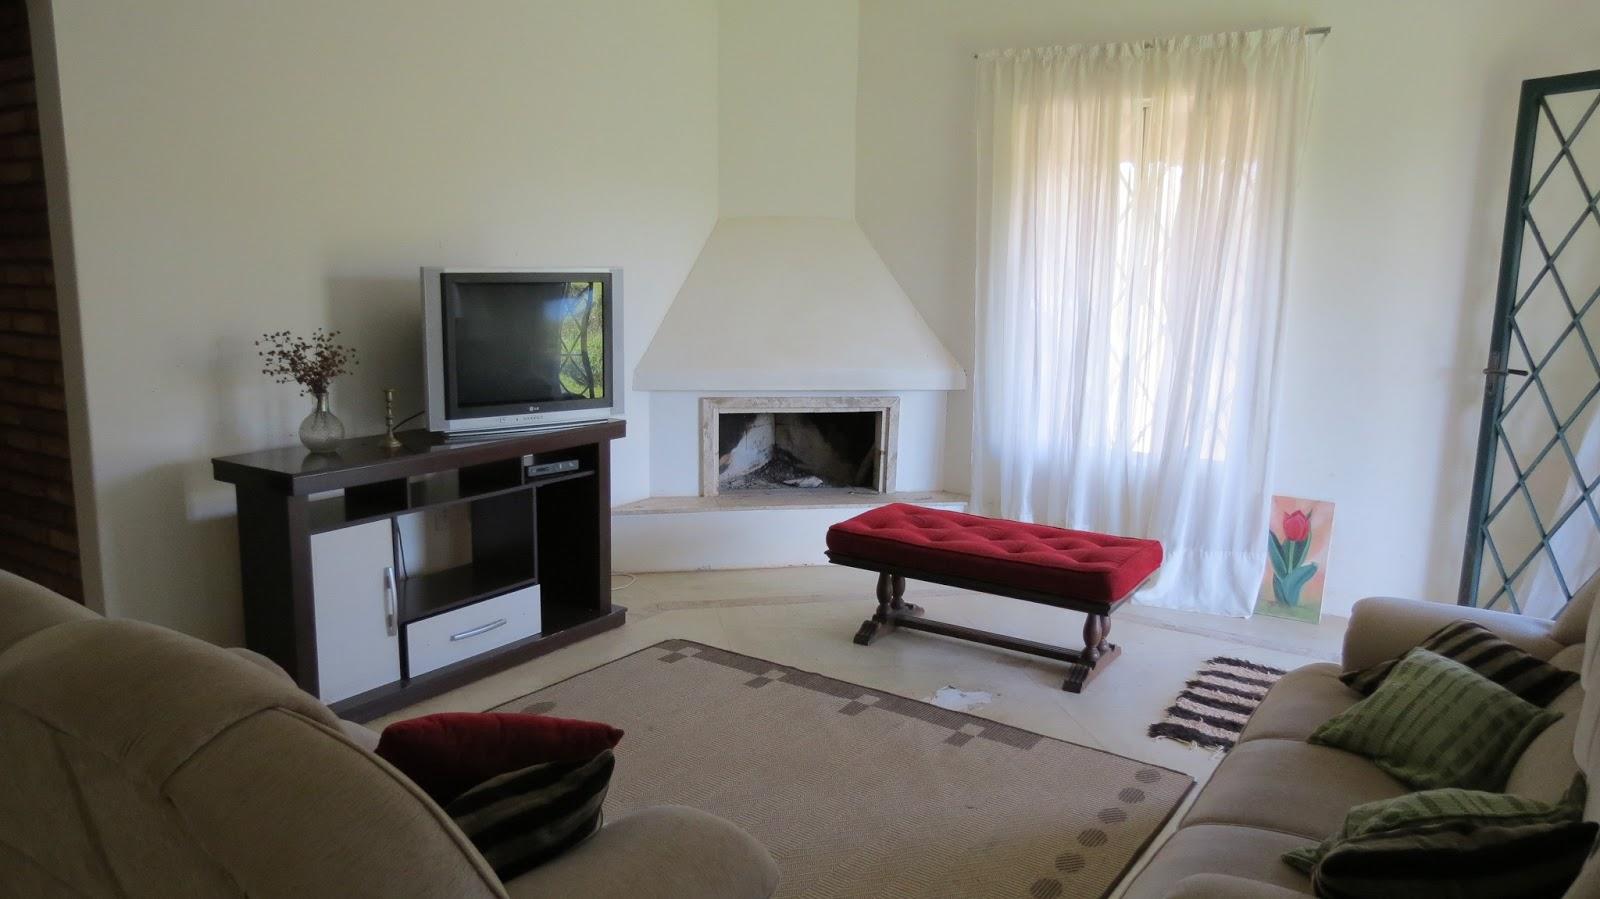 #654640 decoração de sala pequena com lareira de canto 1600x899 píxeis em Decoração De Sala Pequena Com Lareira De Canto